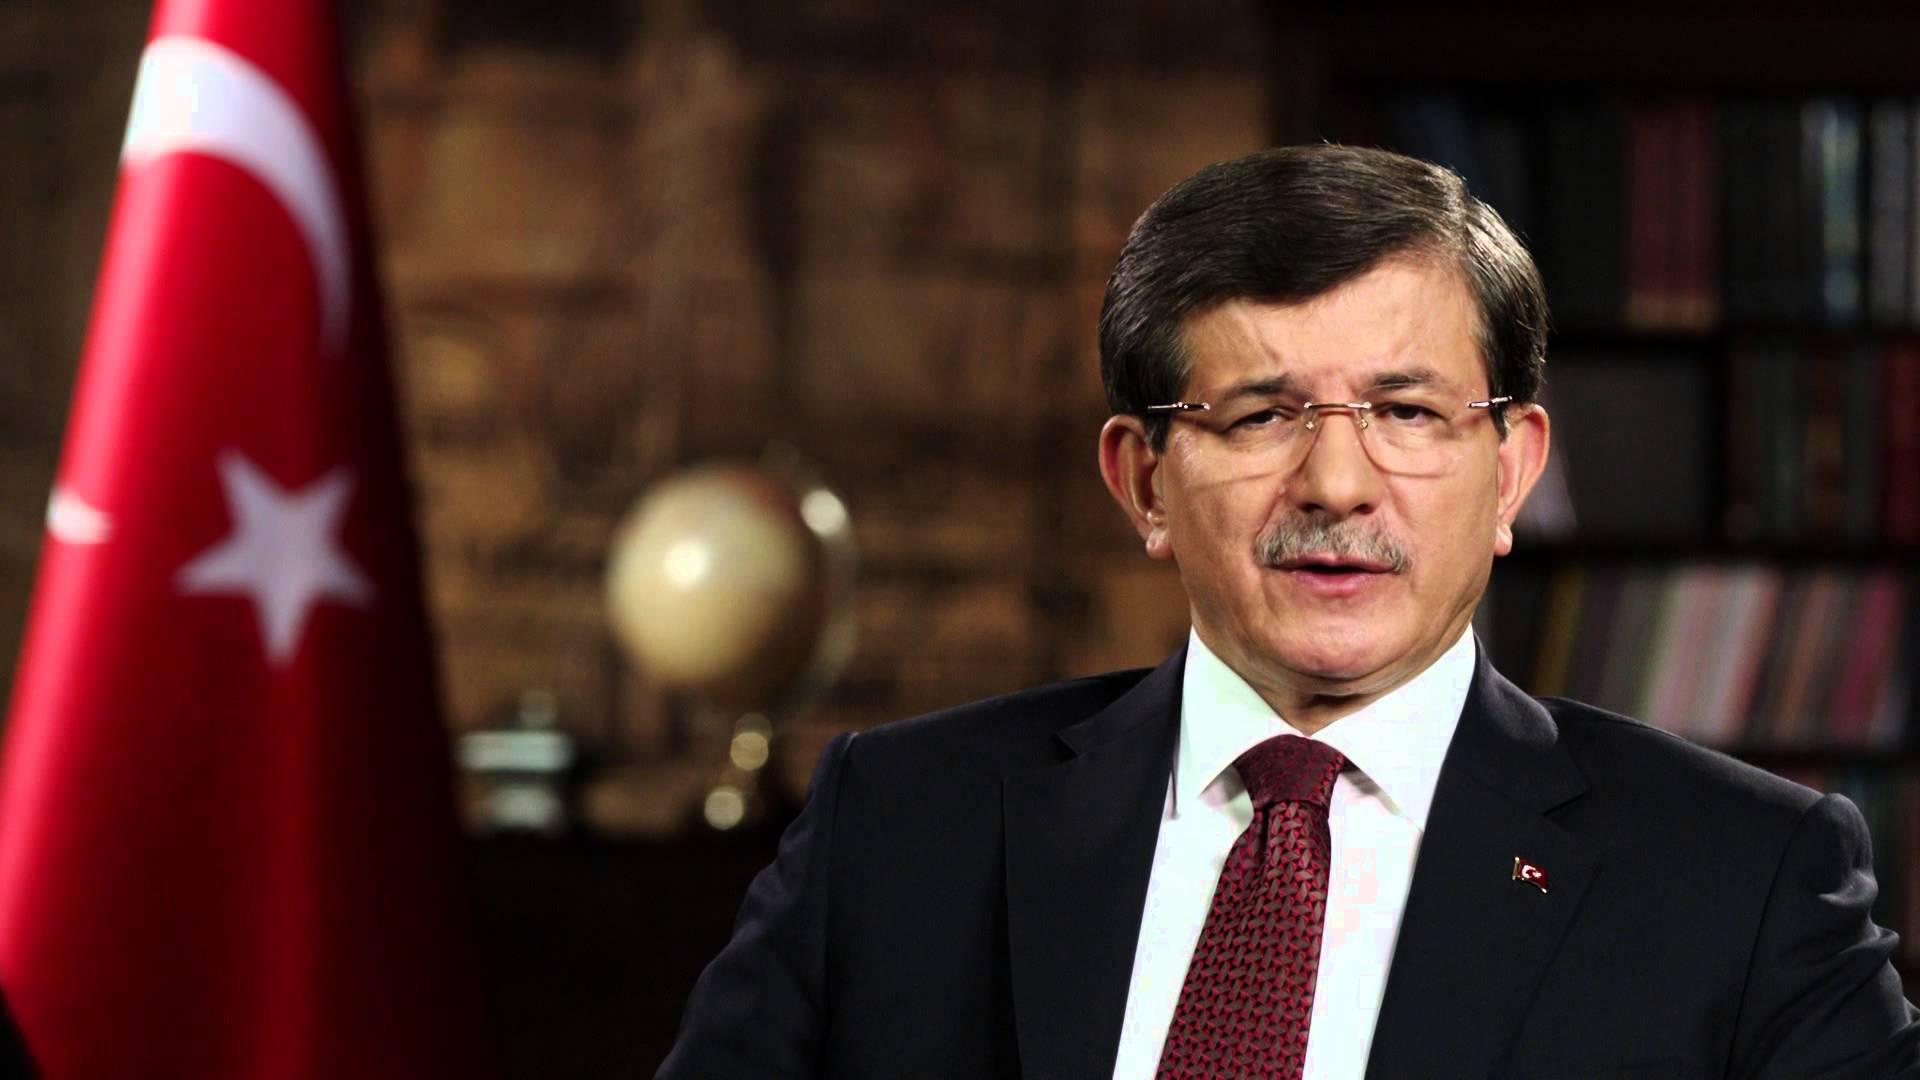 Davutoğlu, Tartışılan Terörist Fotoğrafına Tepki Gösterdi